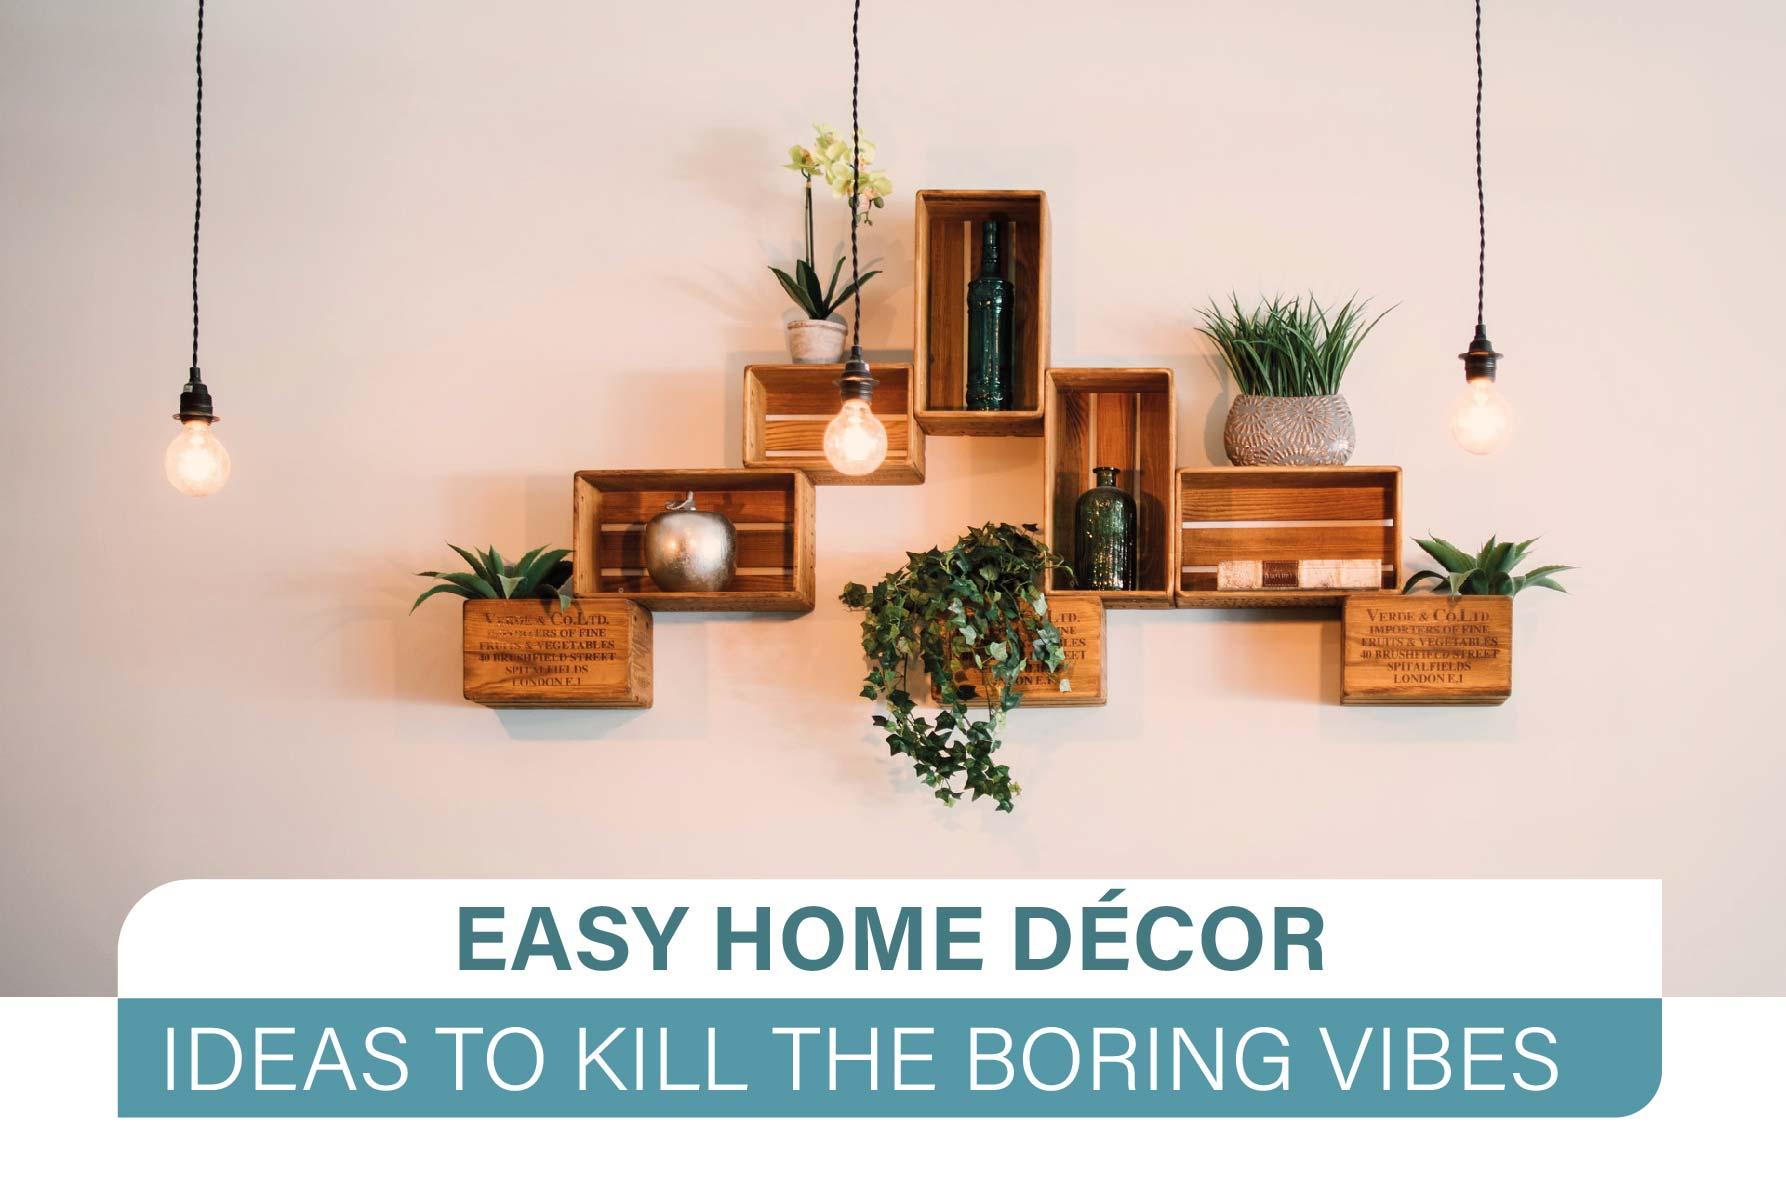 10 easy home décor ideas